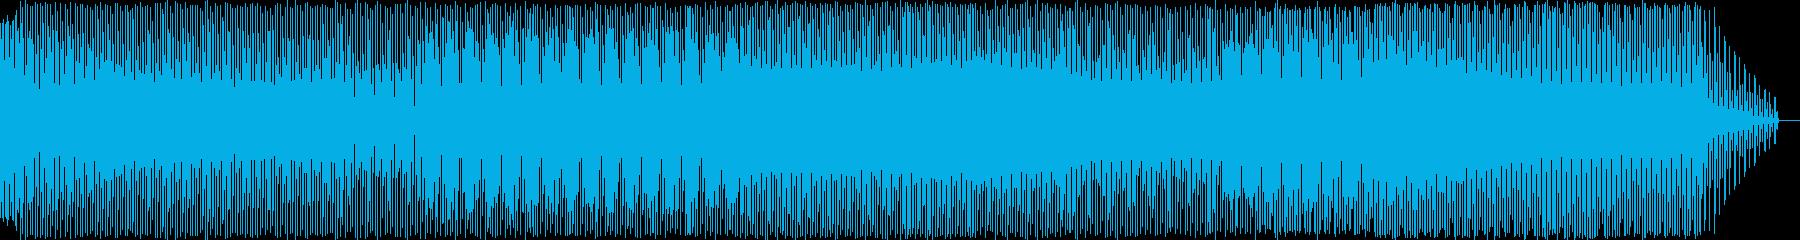 法人 技術的な advertisi...の再生済みの波形